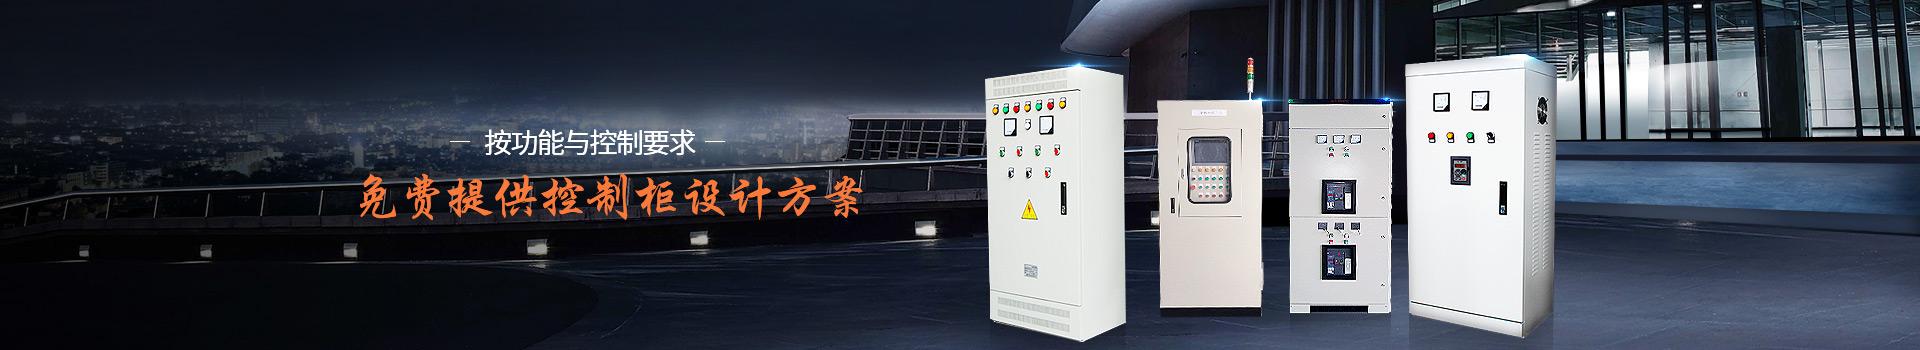 华普拓按功能与控制要求免费提供控制柜设计方案